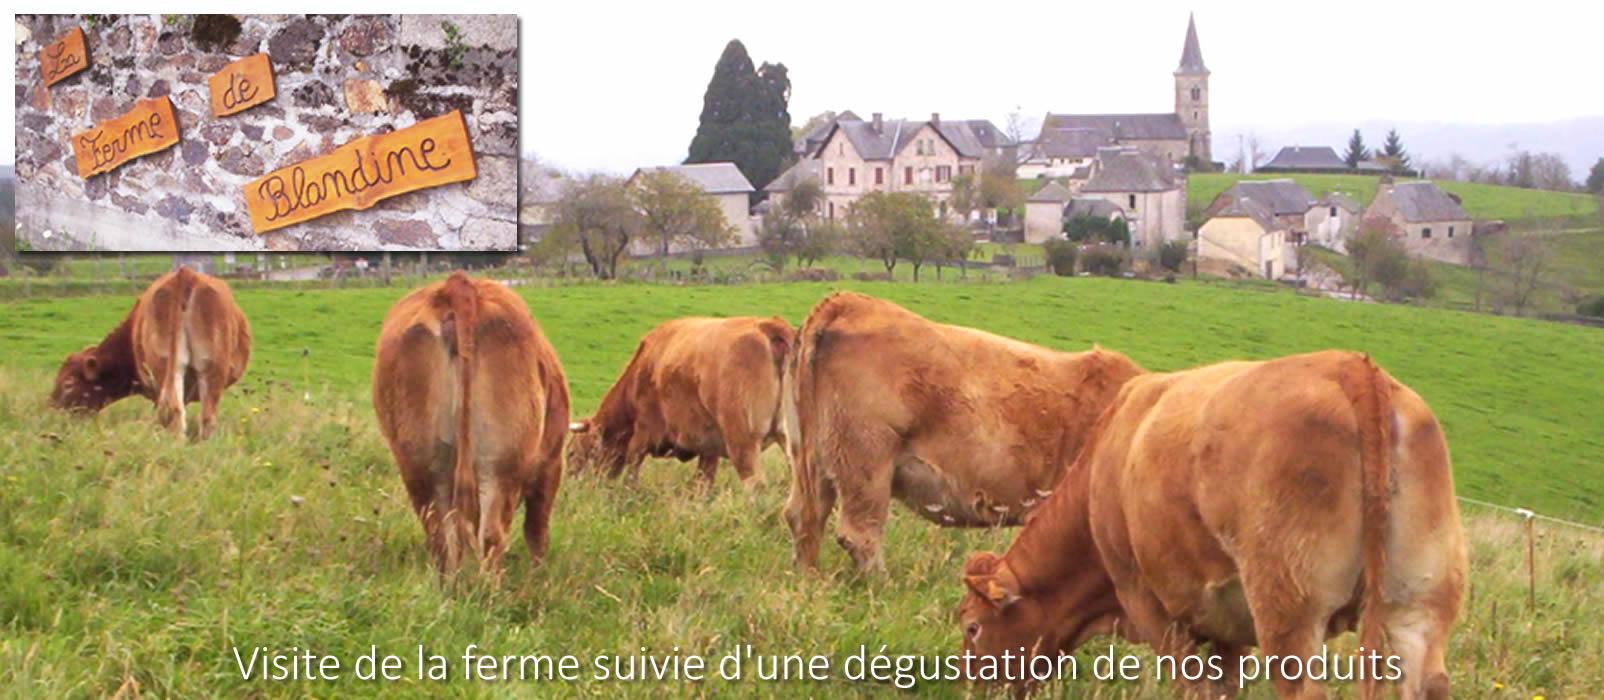 Photo partenaire - La ferme de Blandine - Ferme élevage pédagogique -  Chambres et table d'hôtes